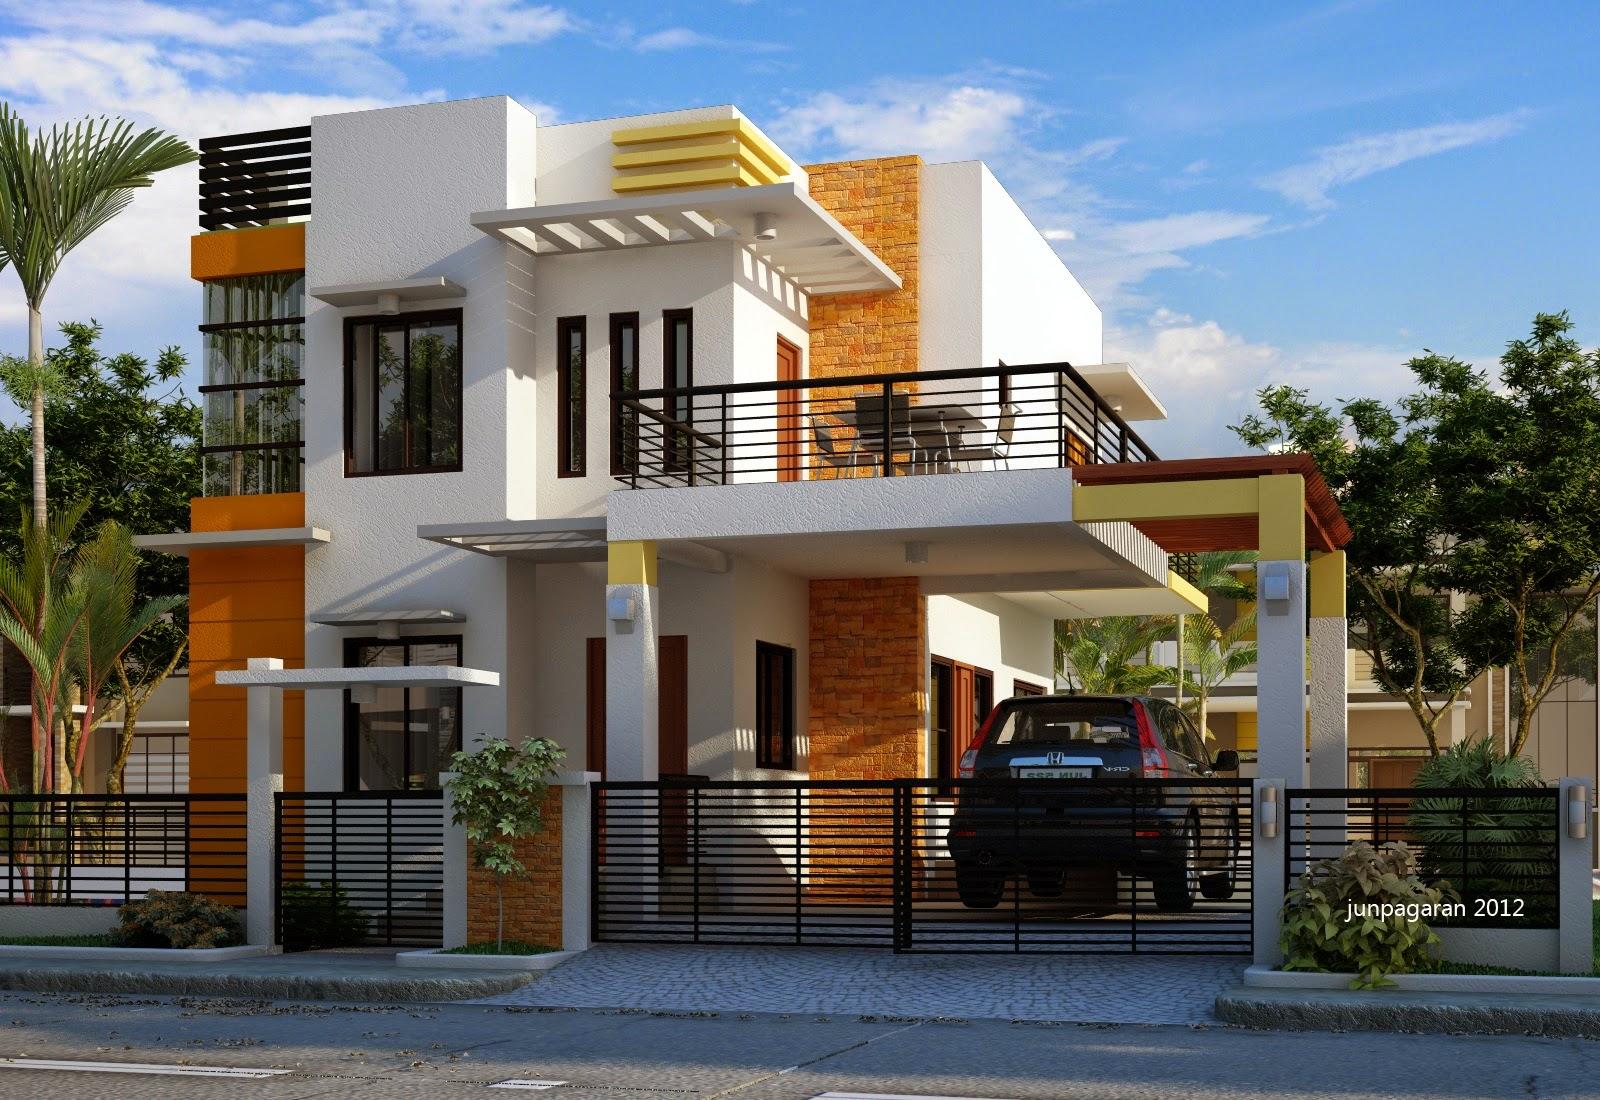 60 Desain Rumah Minimalis Luas Tanah 300 Meter Desain Rumah